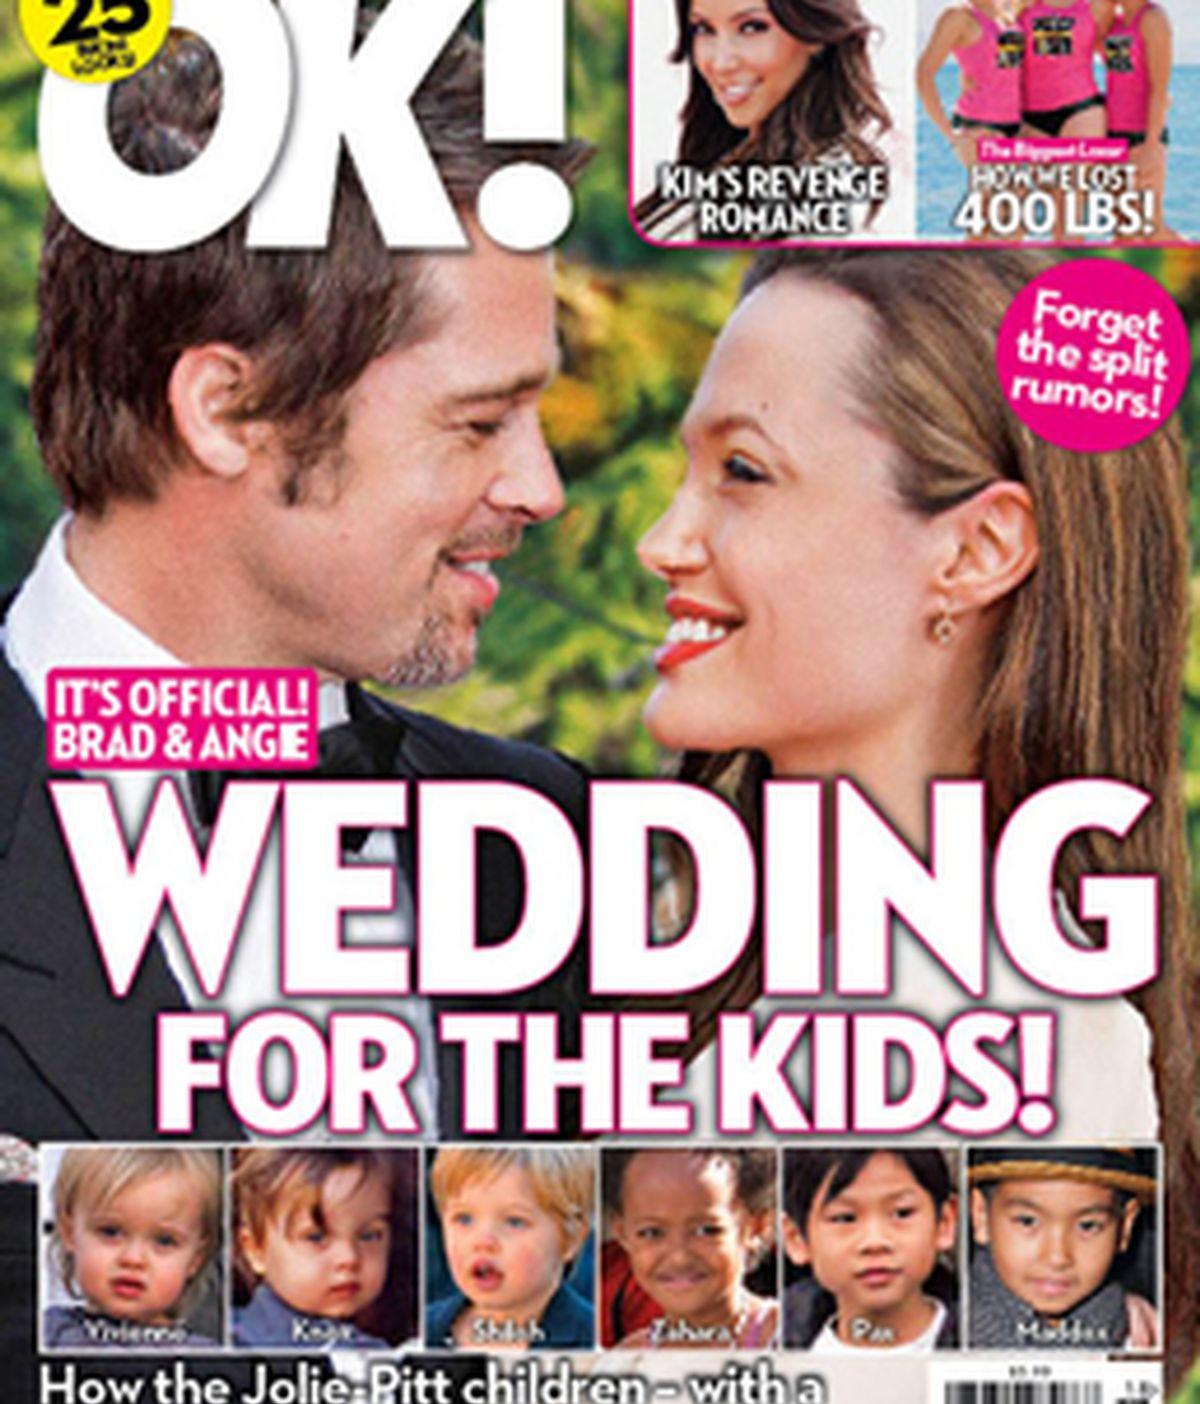 Portada de la revista Ok! que asegura que Brad Pitt y Angelina Jolie se casan.